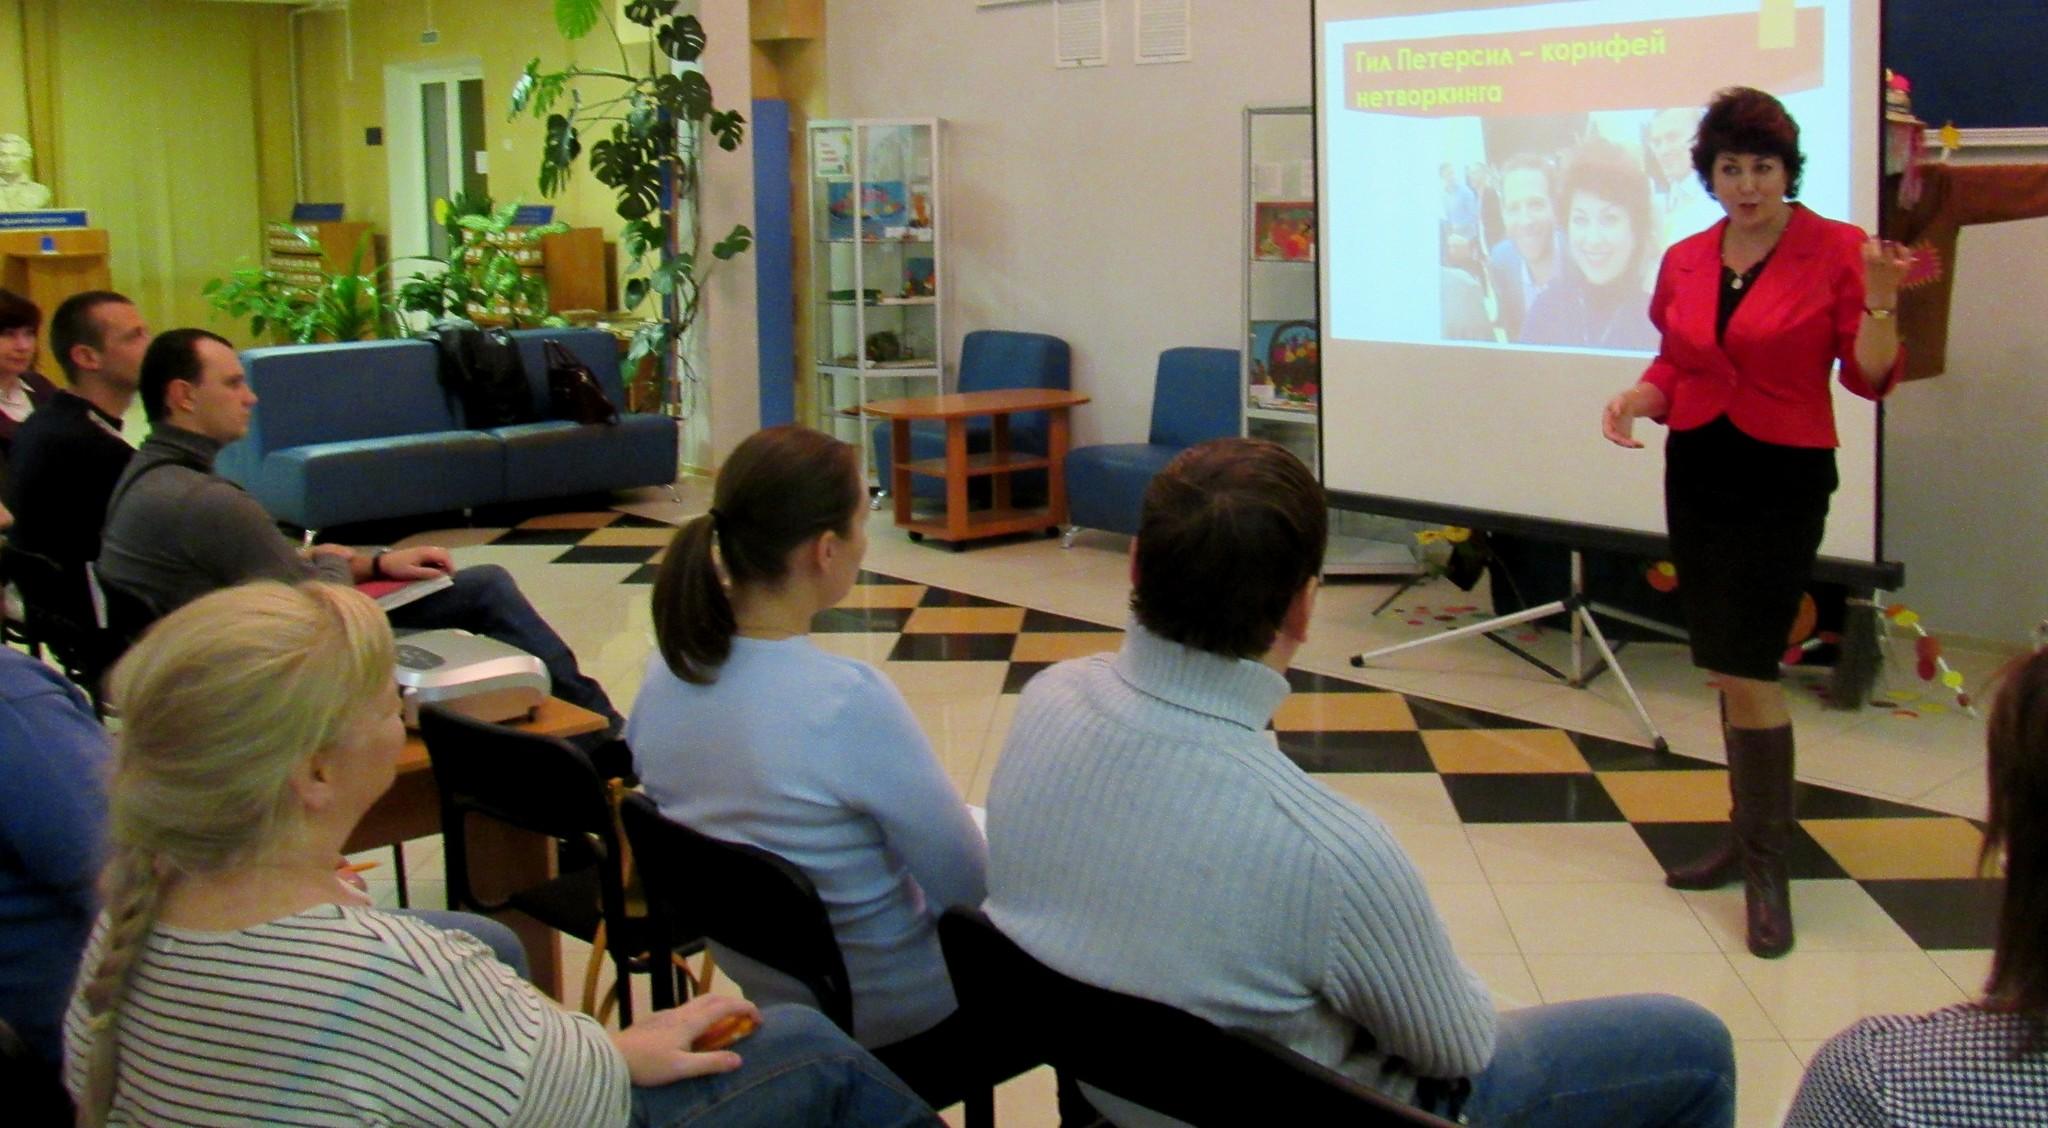 Ролик новоуральск их учителей, В сеть попало хоум-видео школьных учителей из 17 фотография